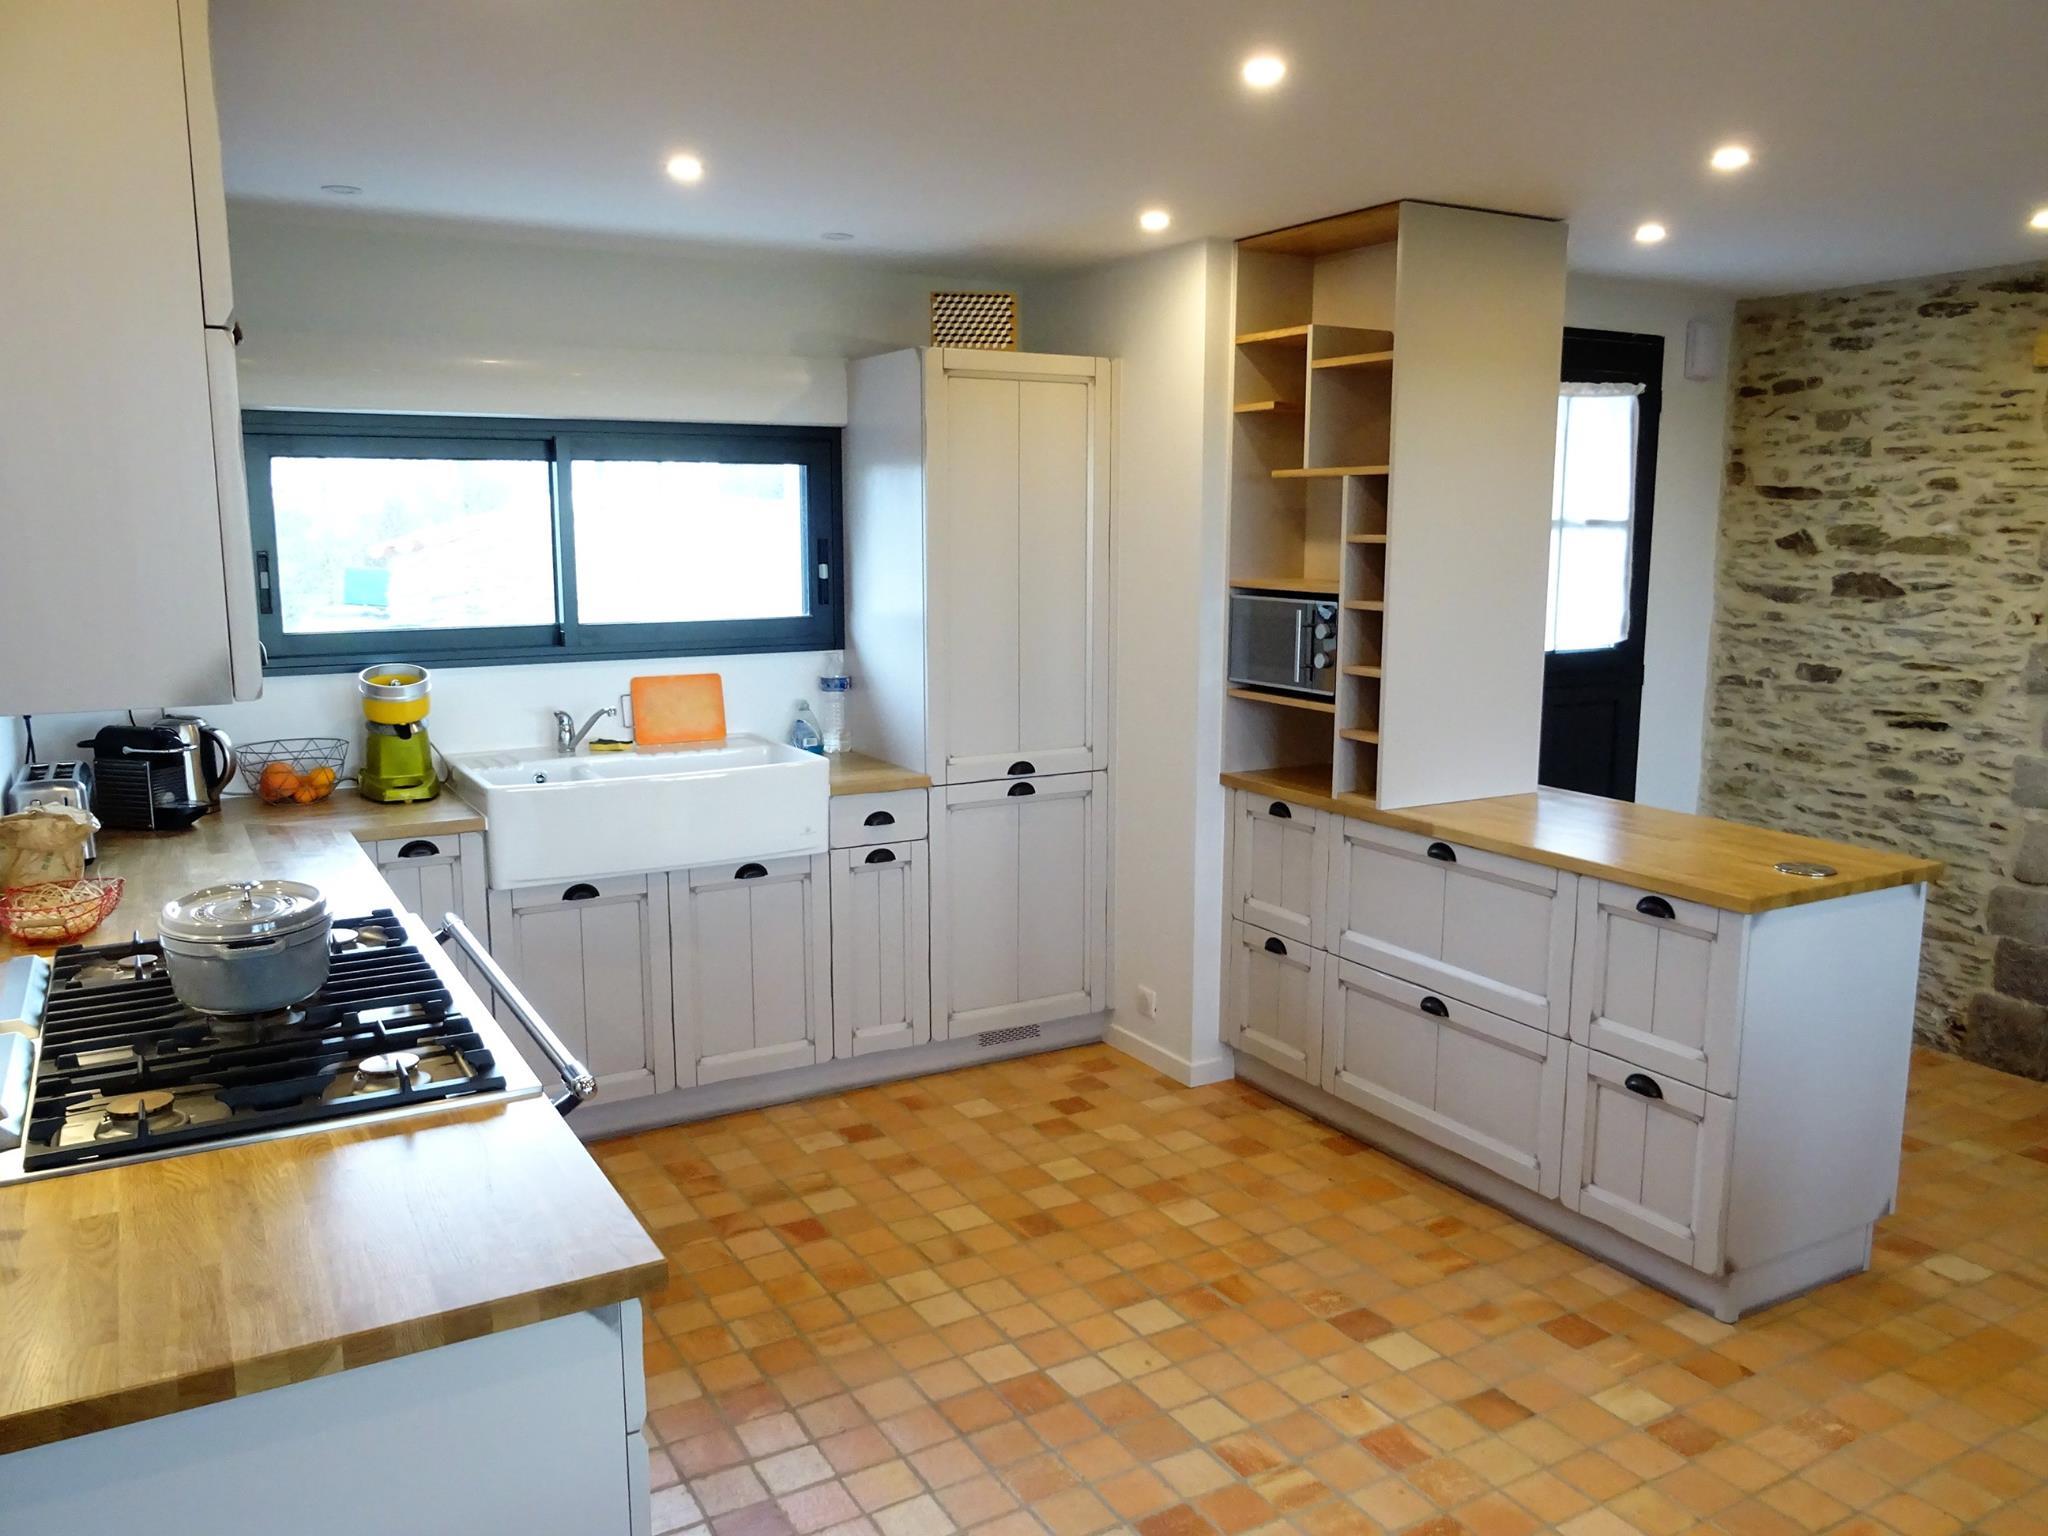 cuisine traditionnelle a st hilaire de riez g viaud cuisines et meubles vendee cuisines viaud. Black Bedroom Furniture Sets. Home Design Ideas